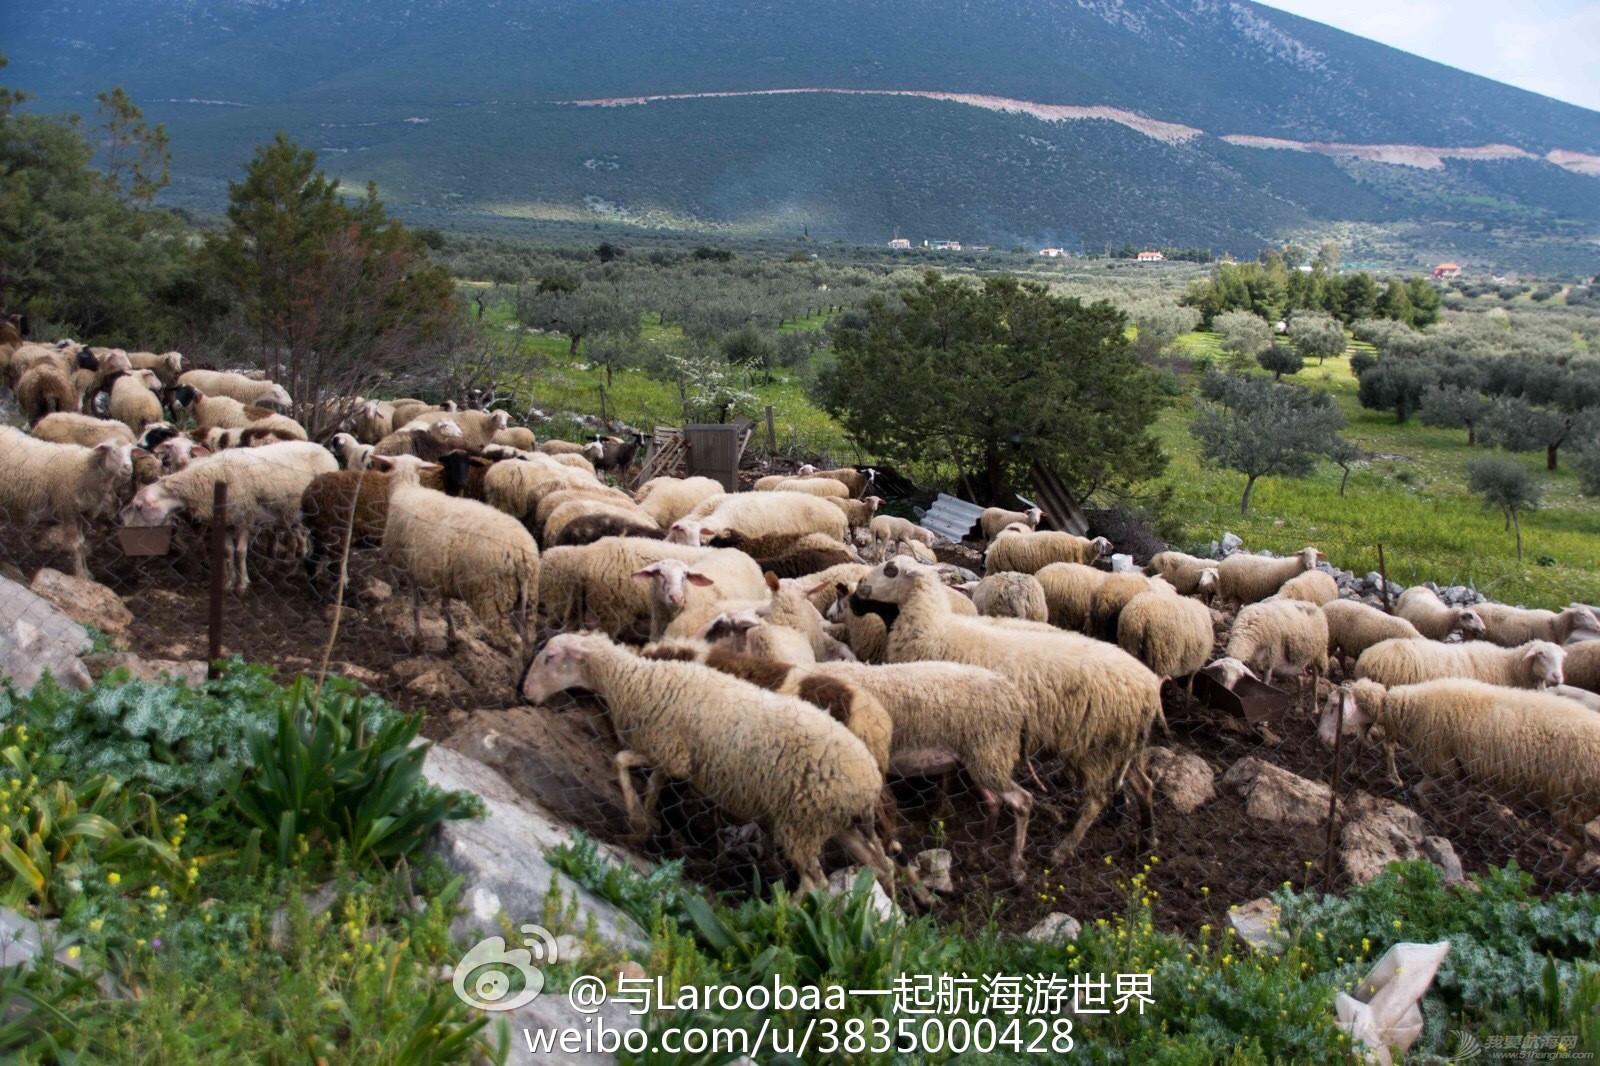 希腊,牧羊犬,宠物狗,牧羊人,石灰岩 参观希腊著名的迪迪玛教堂岩洞遭遇牧羊犬 e495766cjw1eq74s6wojkj218g0tm1b8.jpg